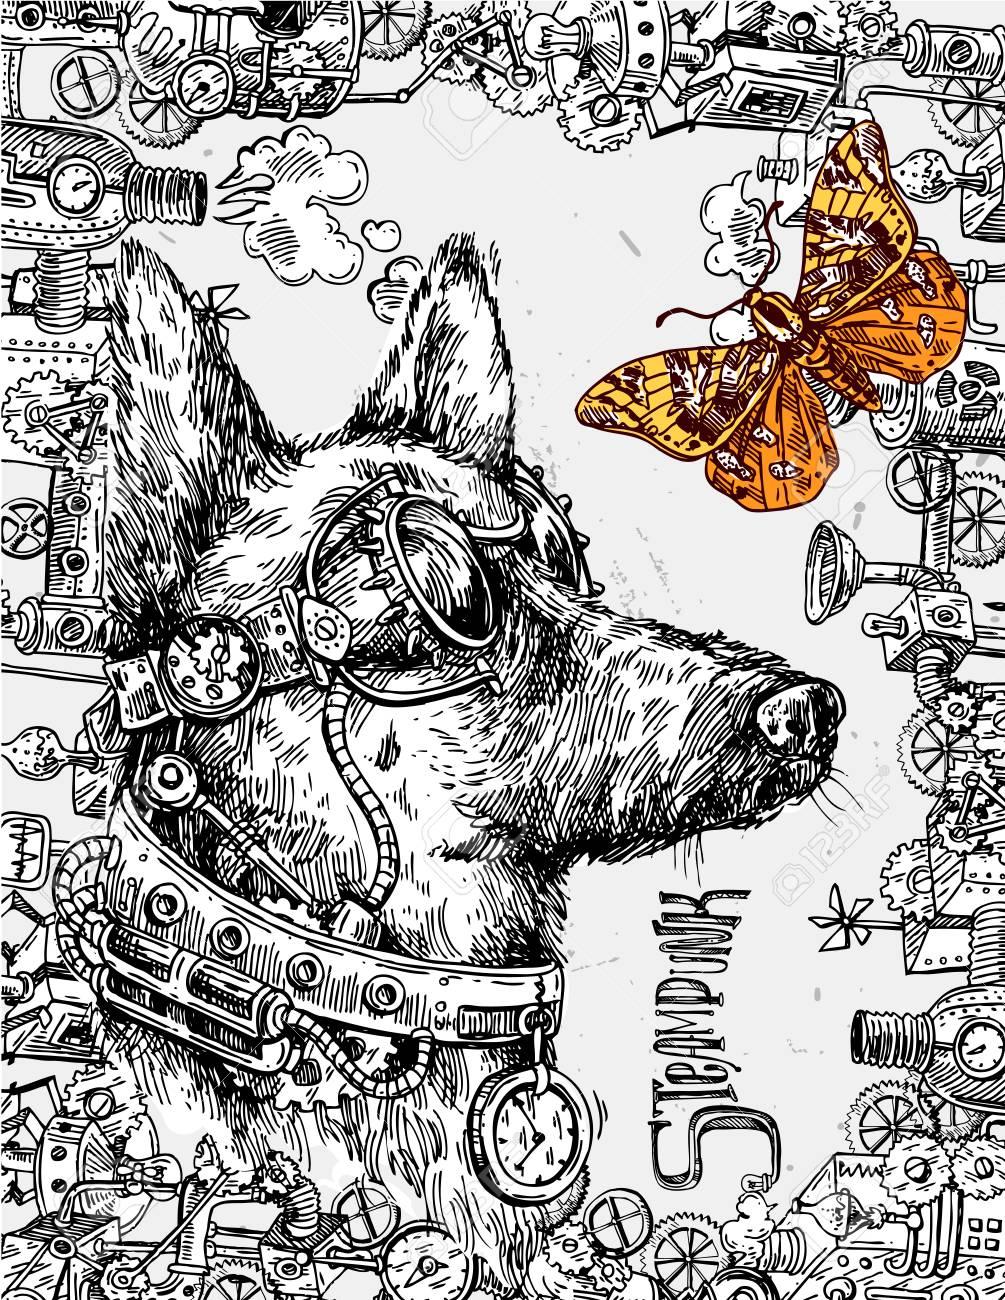 犬の手描きの背景スケッチスチーム パンクなスタイルのイラストの